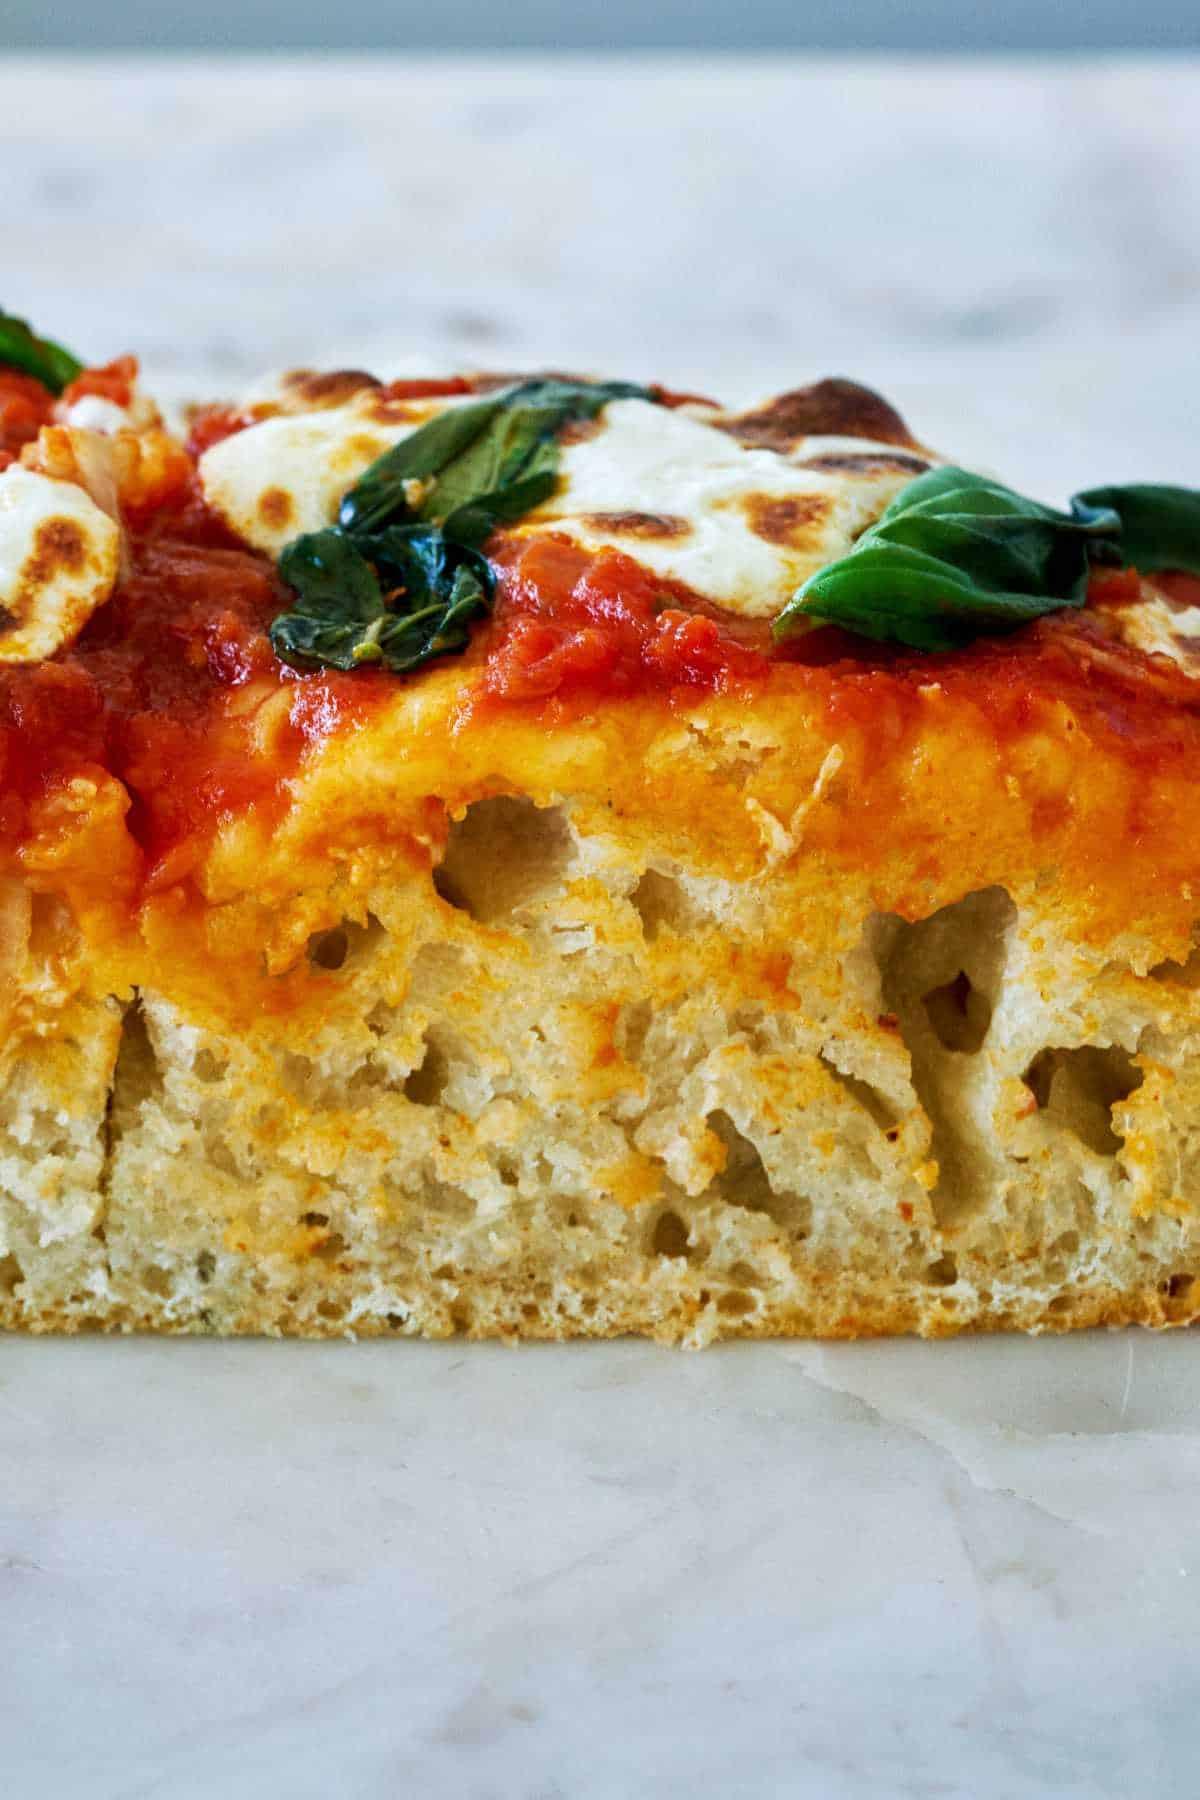 Slice of thick focaccia pizza.